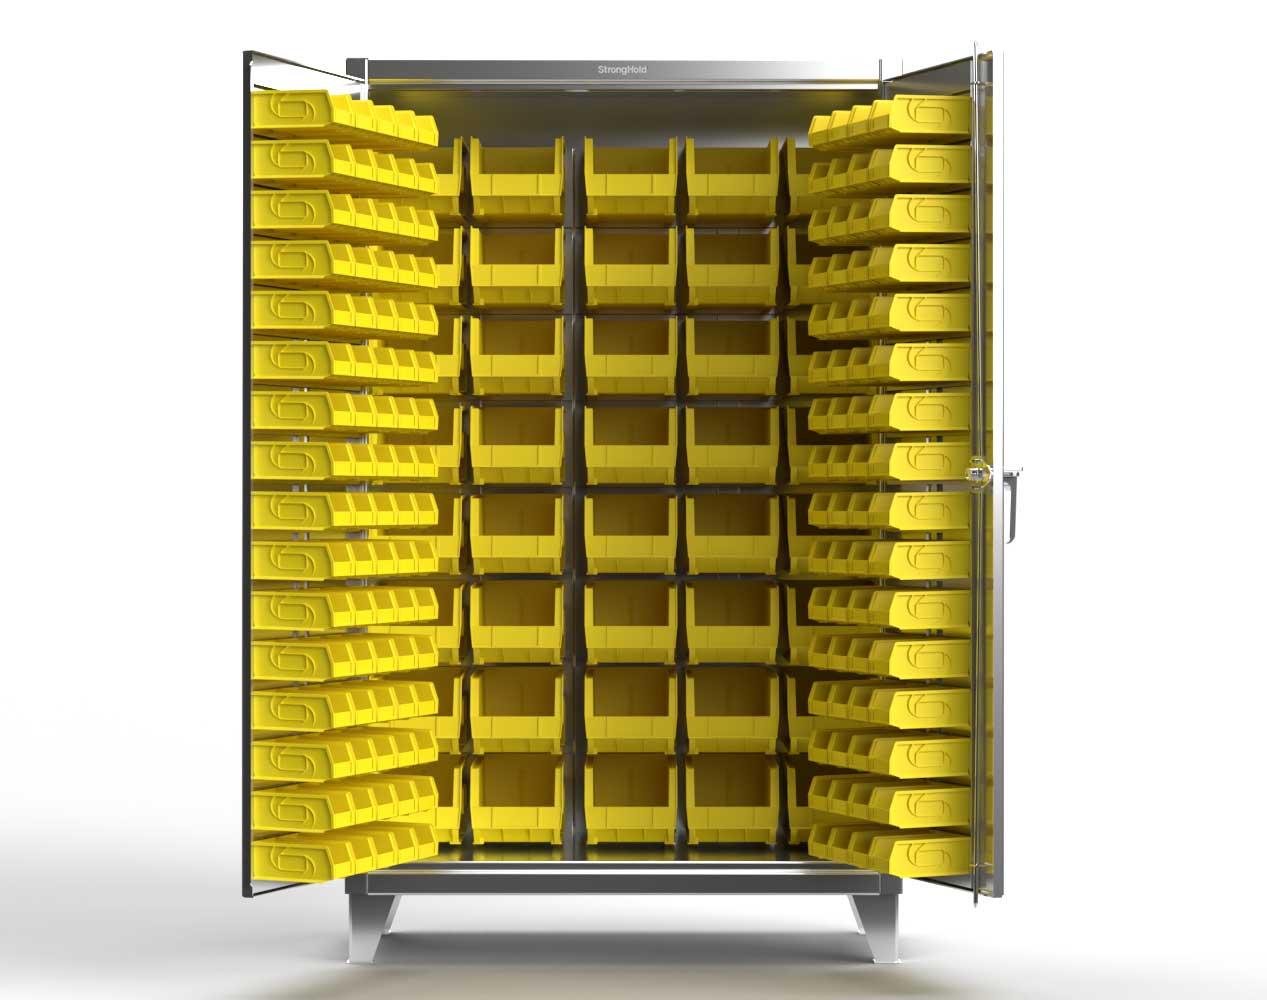 Extra Heavy Duty 12 GA Stainless Steel All Bin Cabinet – 36 In. W x 24 In. D x 78 In. H